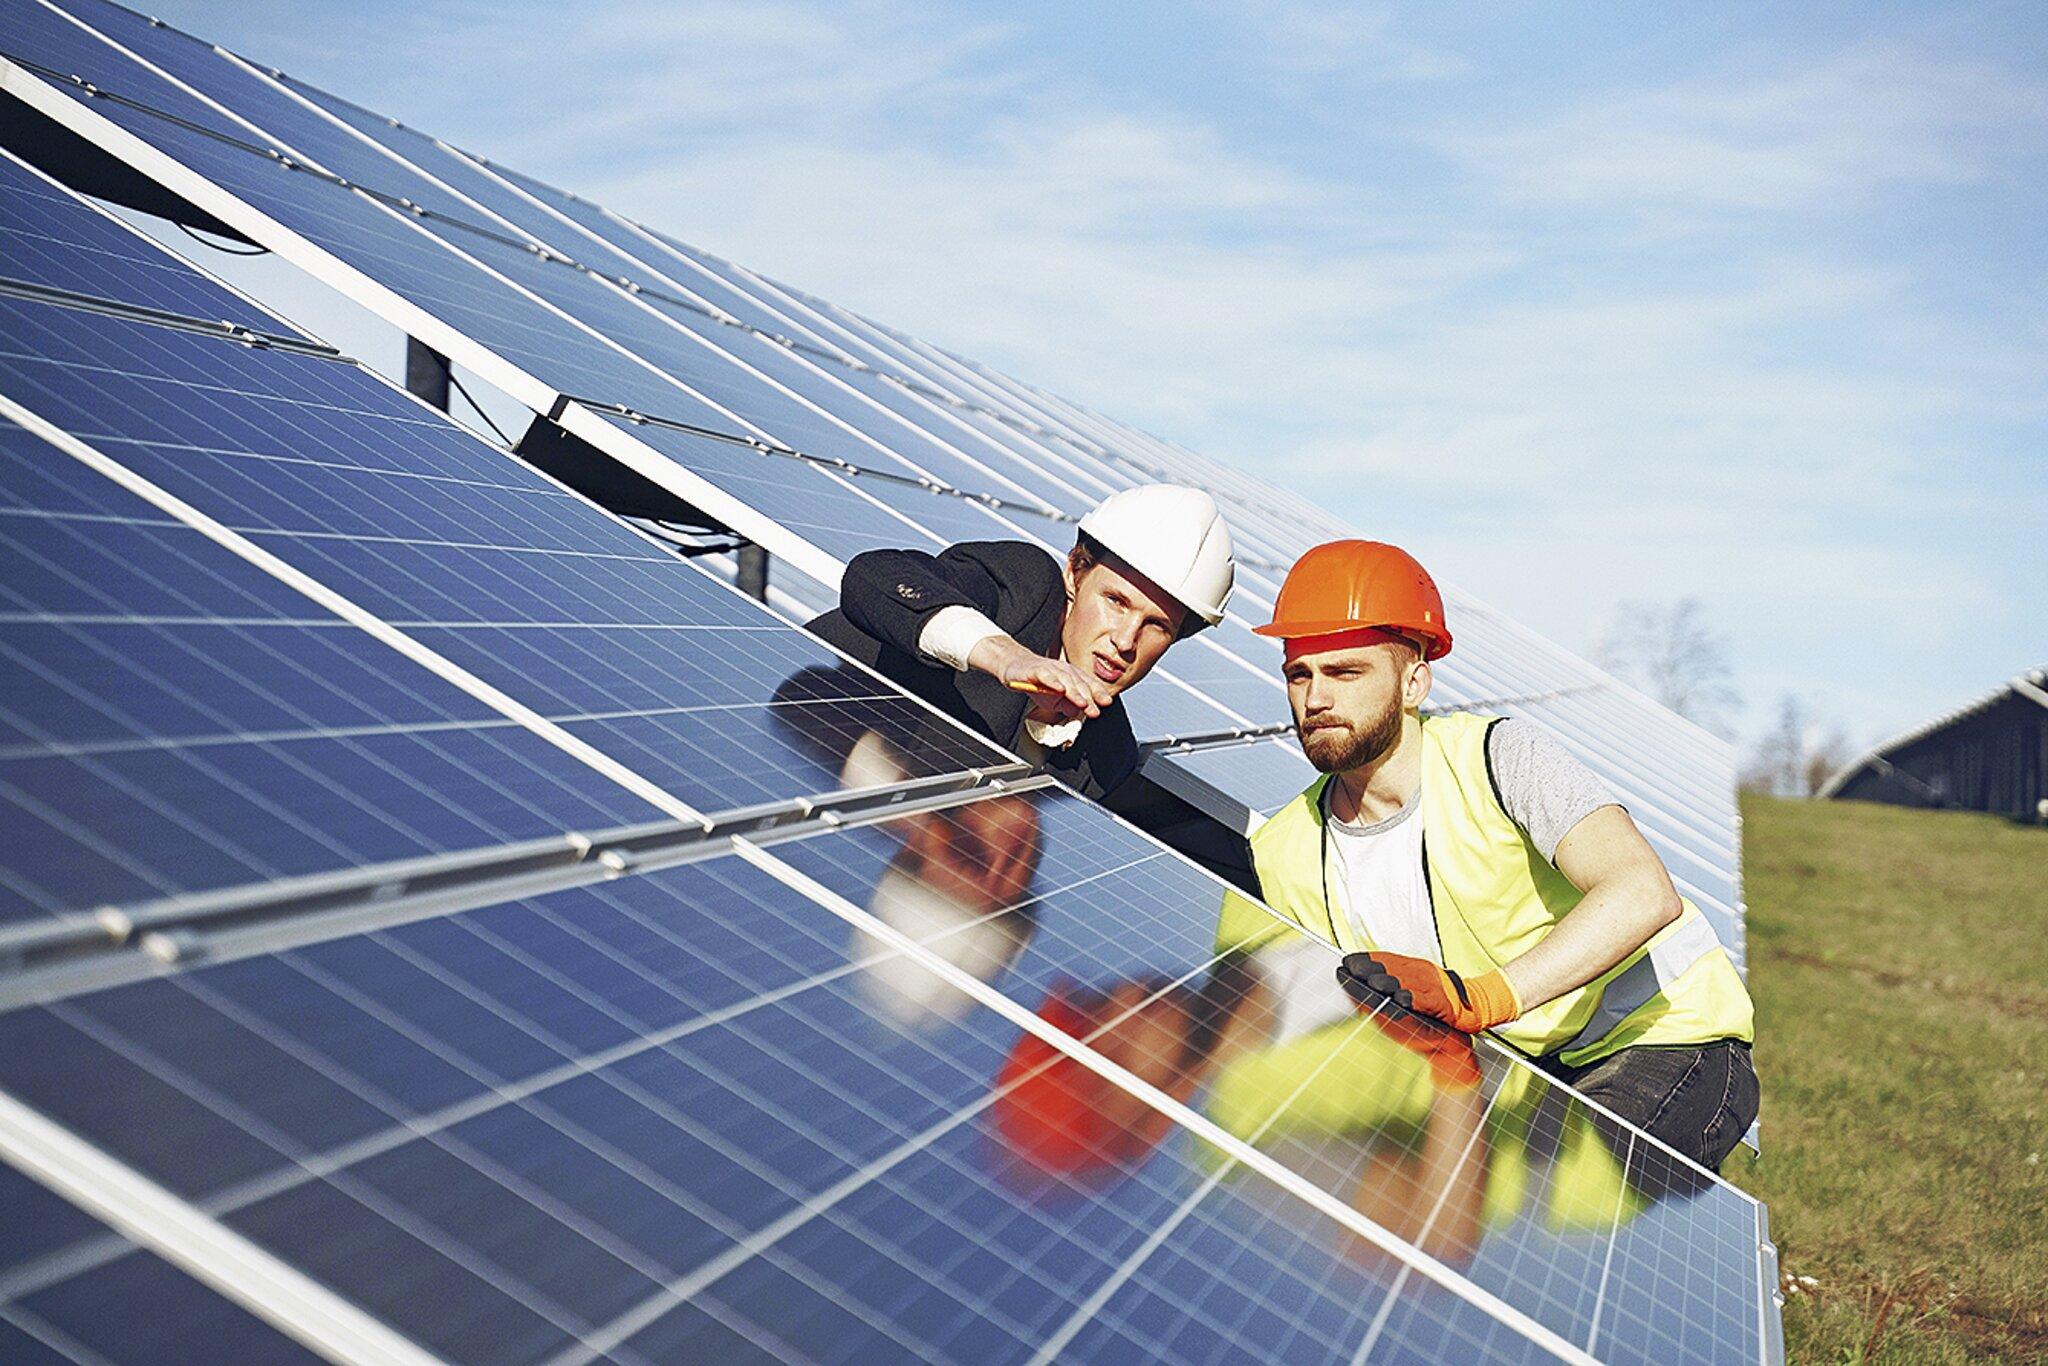 Verbraucherschützer warnen vor Haustürgeschäften mit Photovoltaik                                                                  Abzocke mit der Kraft der Sonne